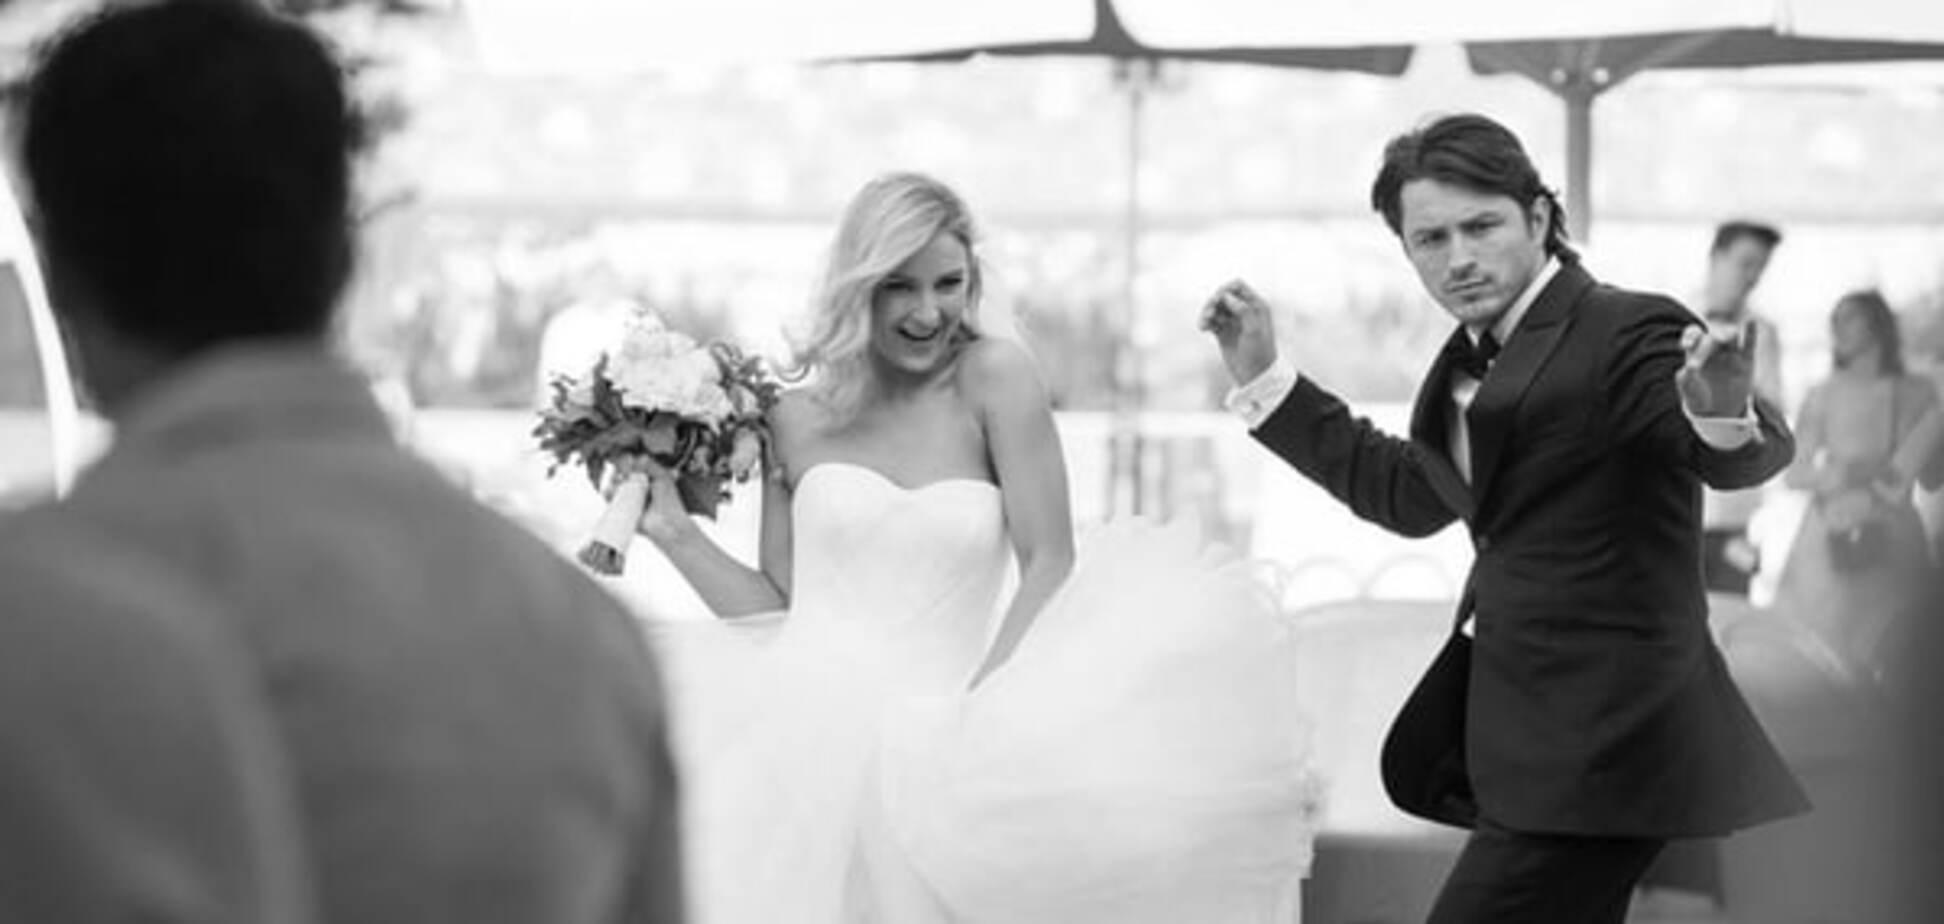 Повернувся: Притула розповів подробиці весільної подорожі